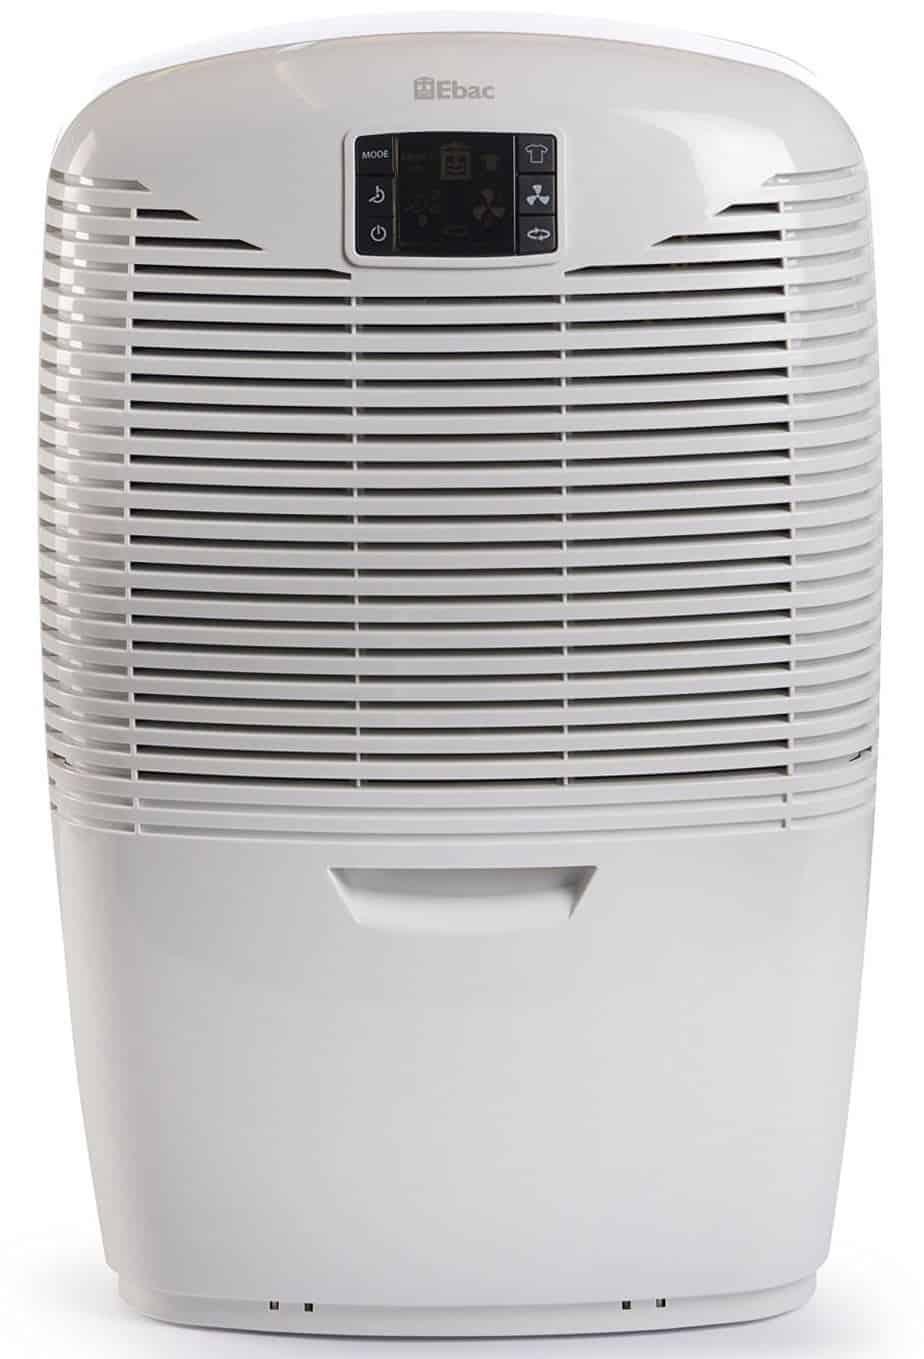 Ebac 3650e Dehumidifier with Smart Control, 18 Litre, White